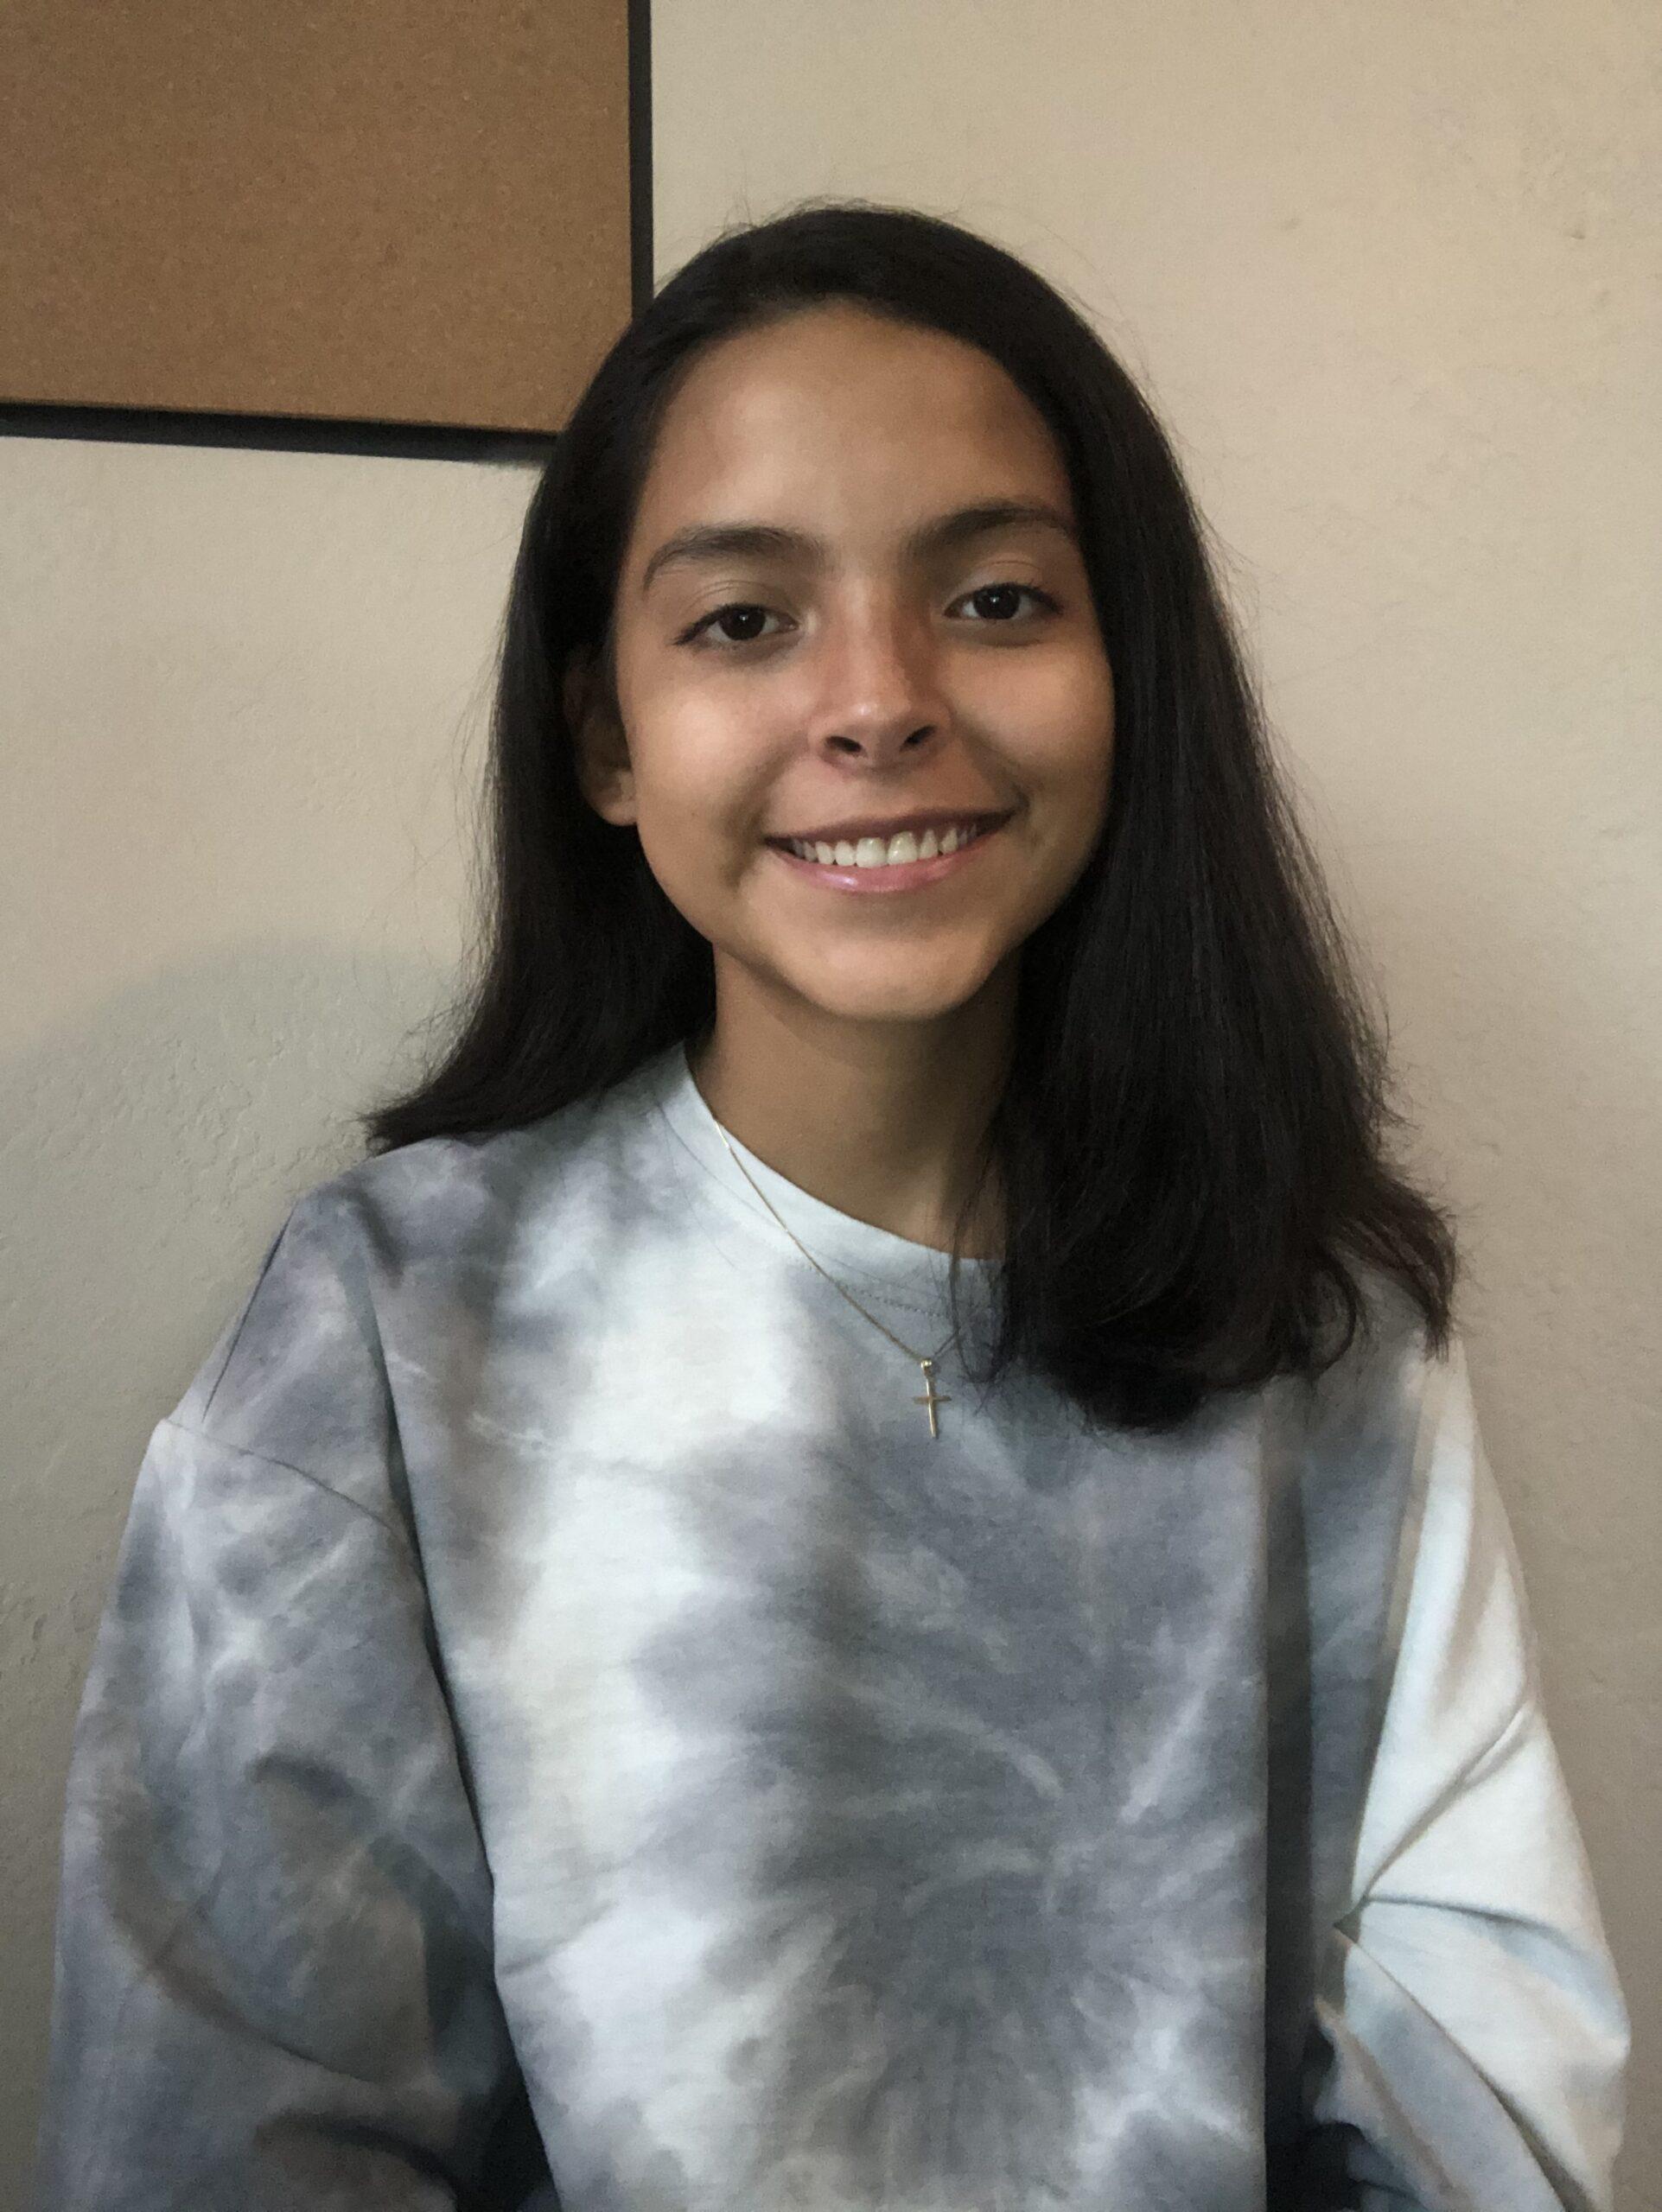 Natalia Armenta, Spring 2021 Fellow